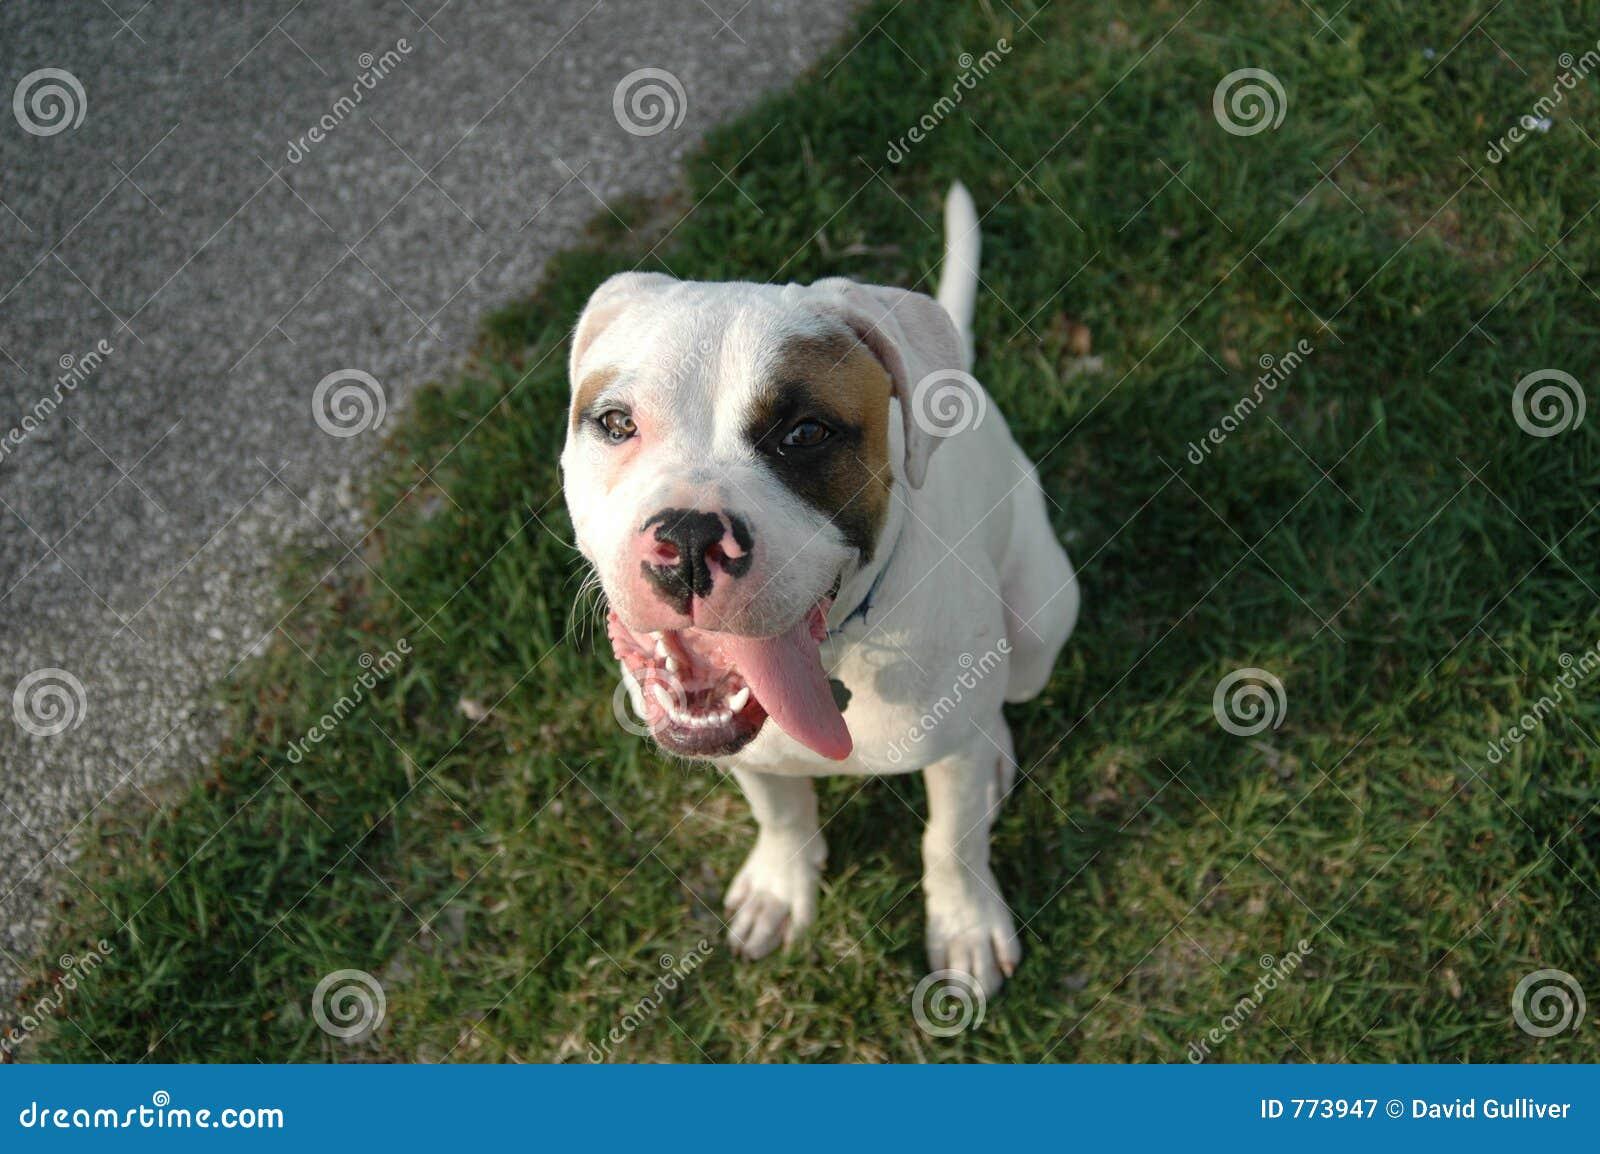 狗面带笑容